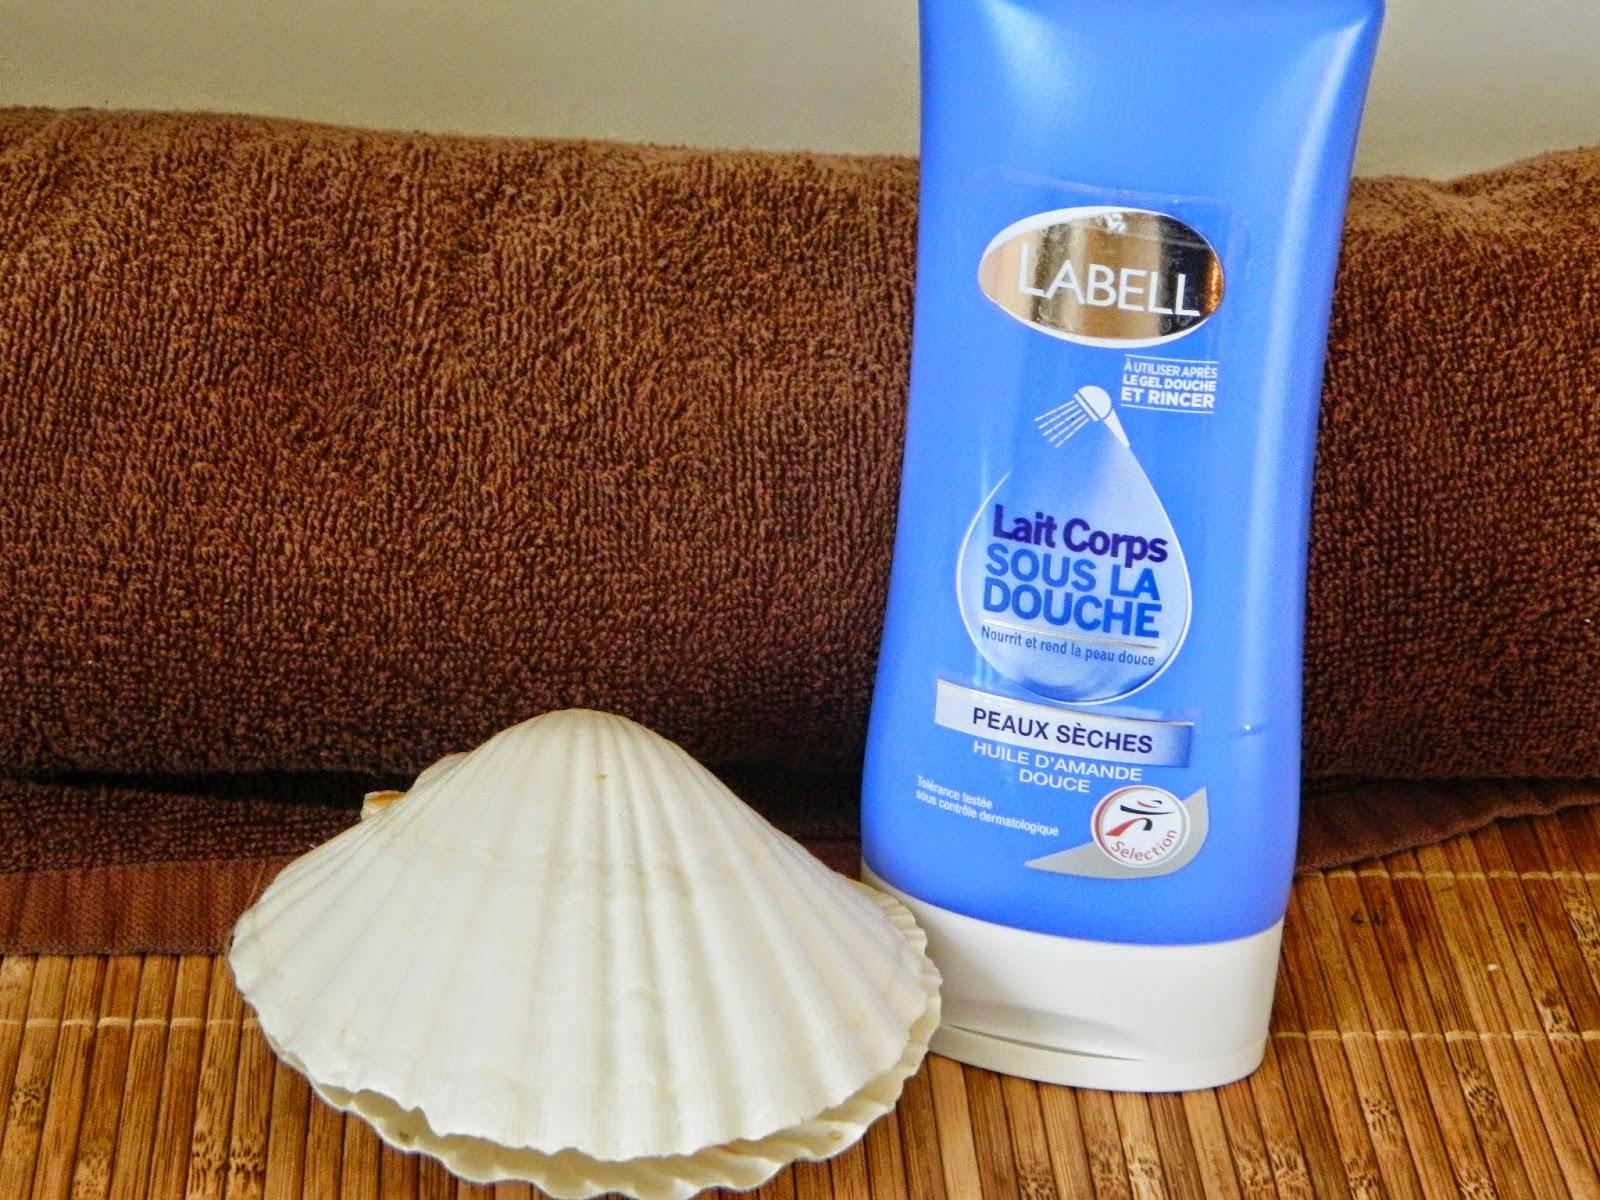 Je teste des produits lait corps sous la douche labell - Lait corps sous la douche ...